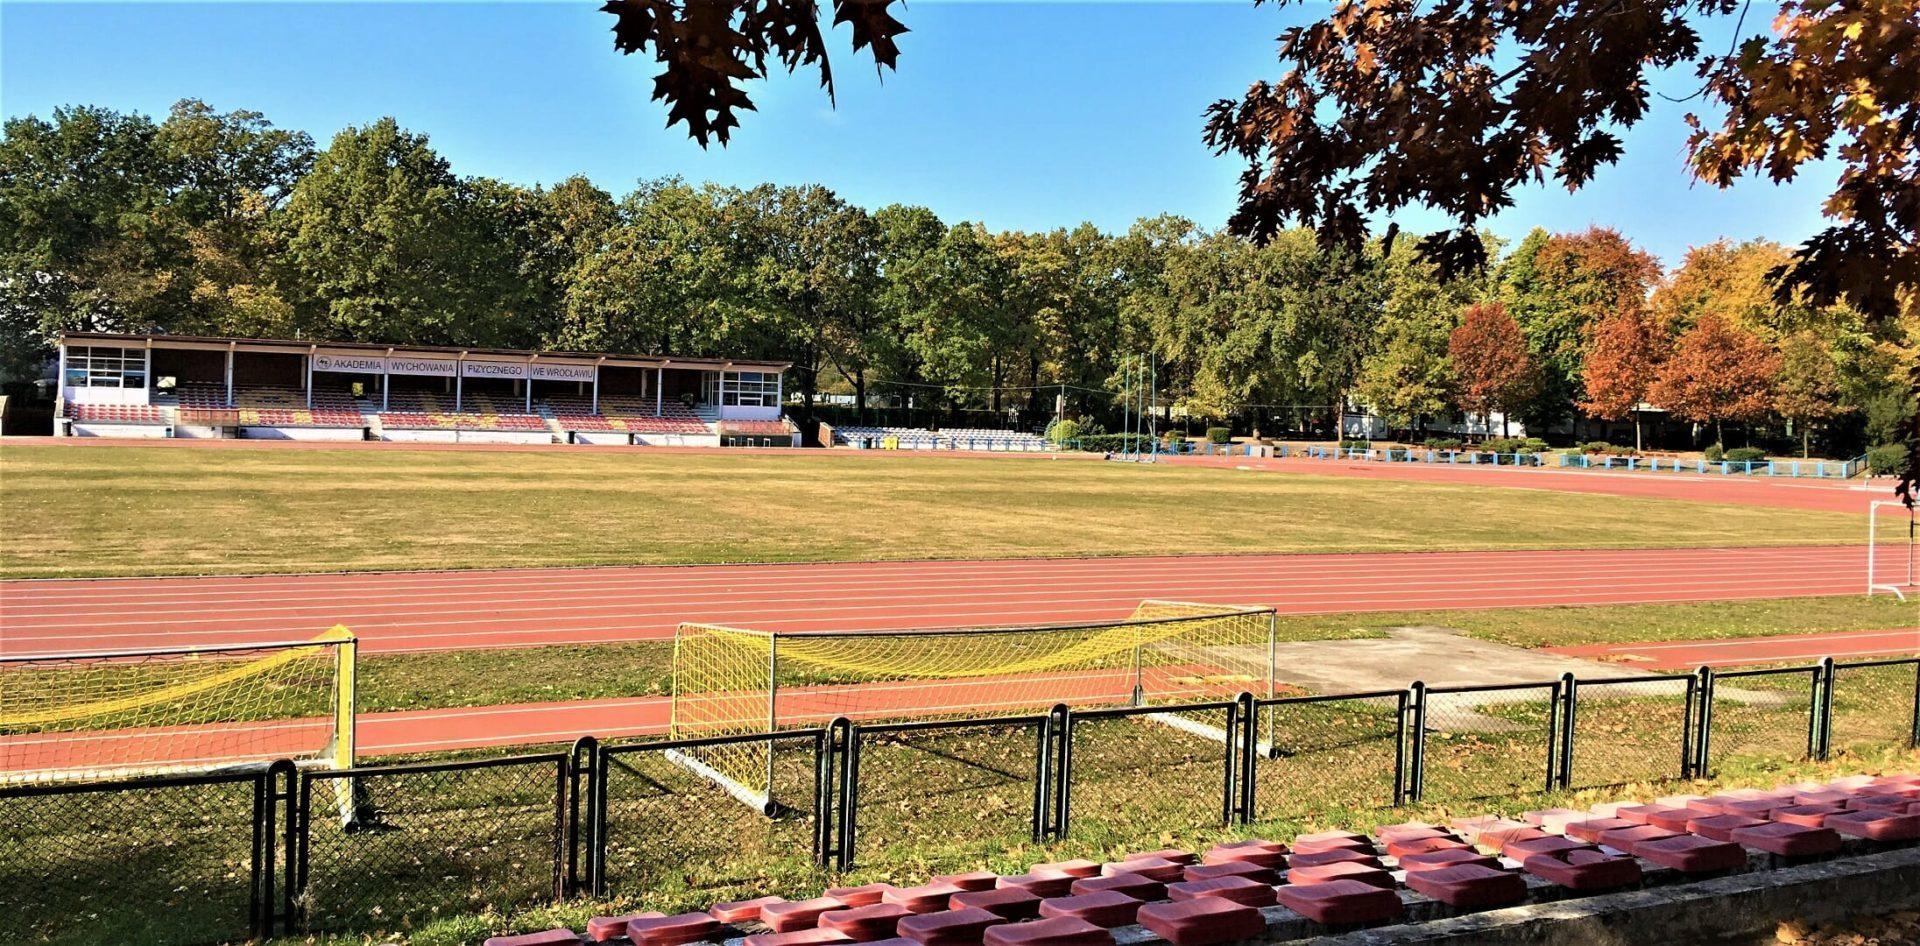 Academic Sports Center - athletics stadium